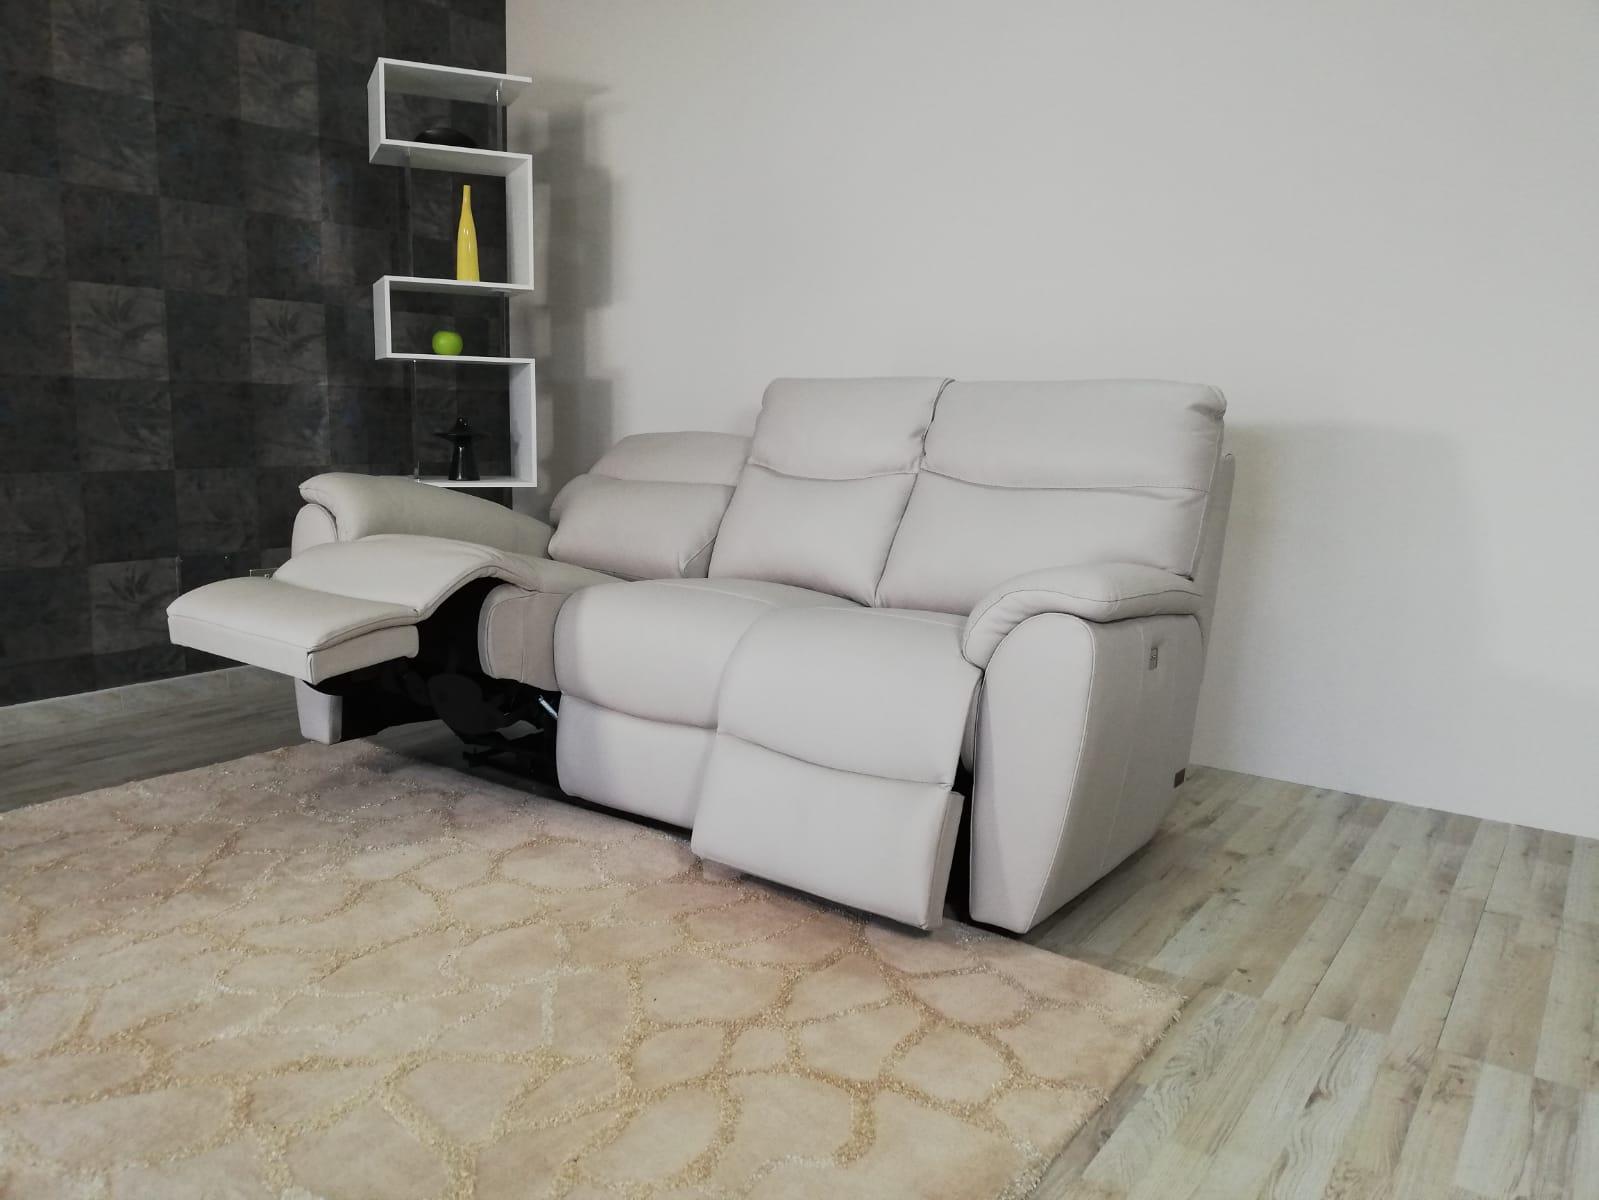 LENOX - Divano relax elettrico in pelle grigio perla a 3 posti di cui 2 con meccanismi recliner